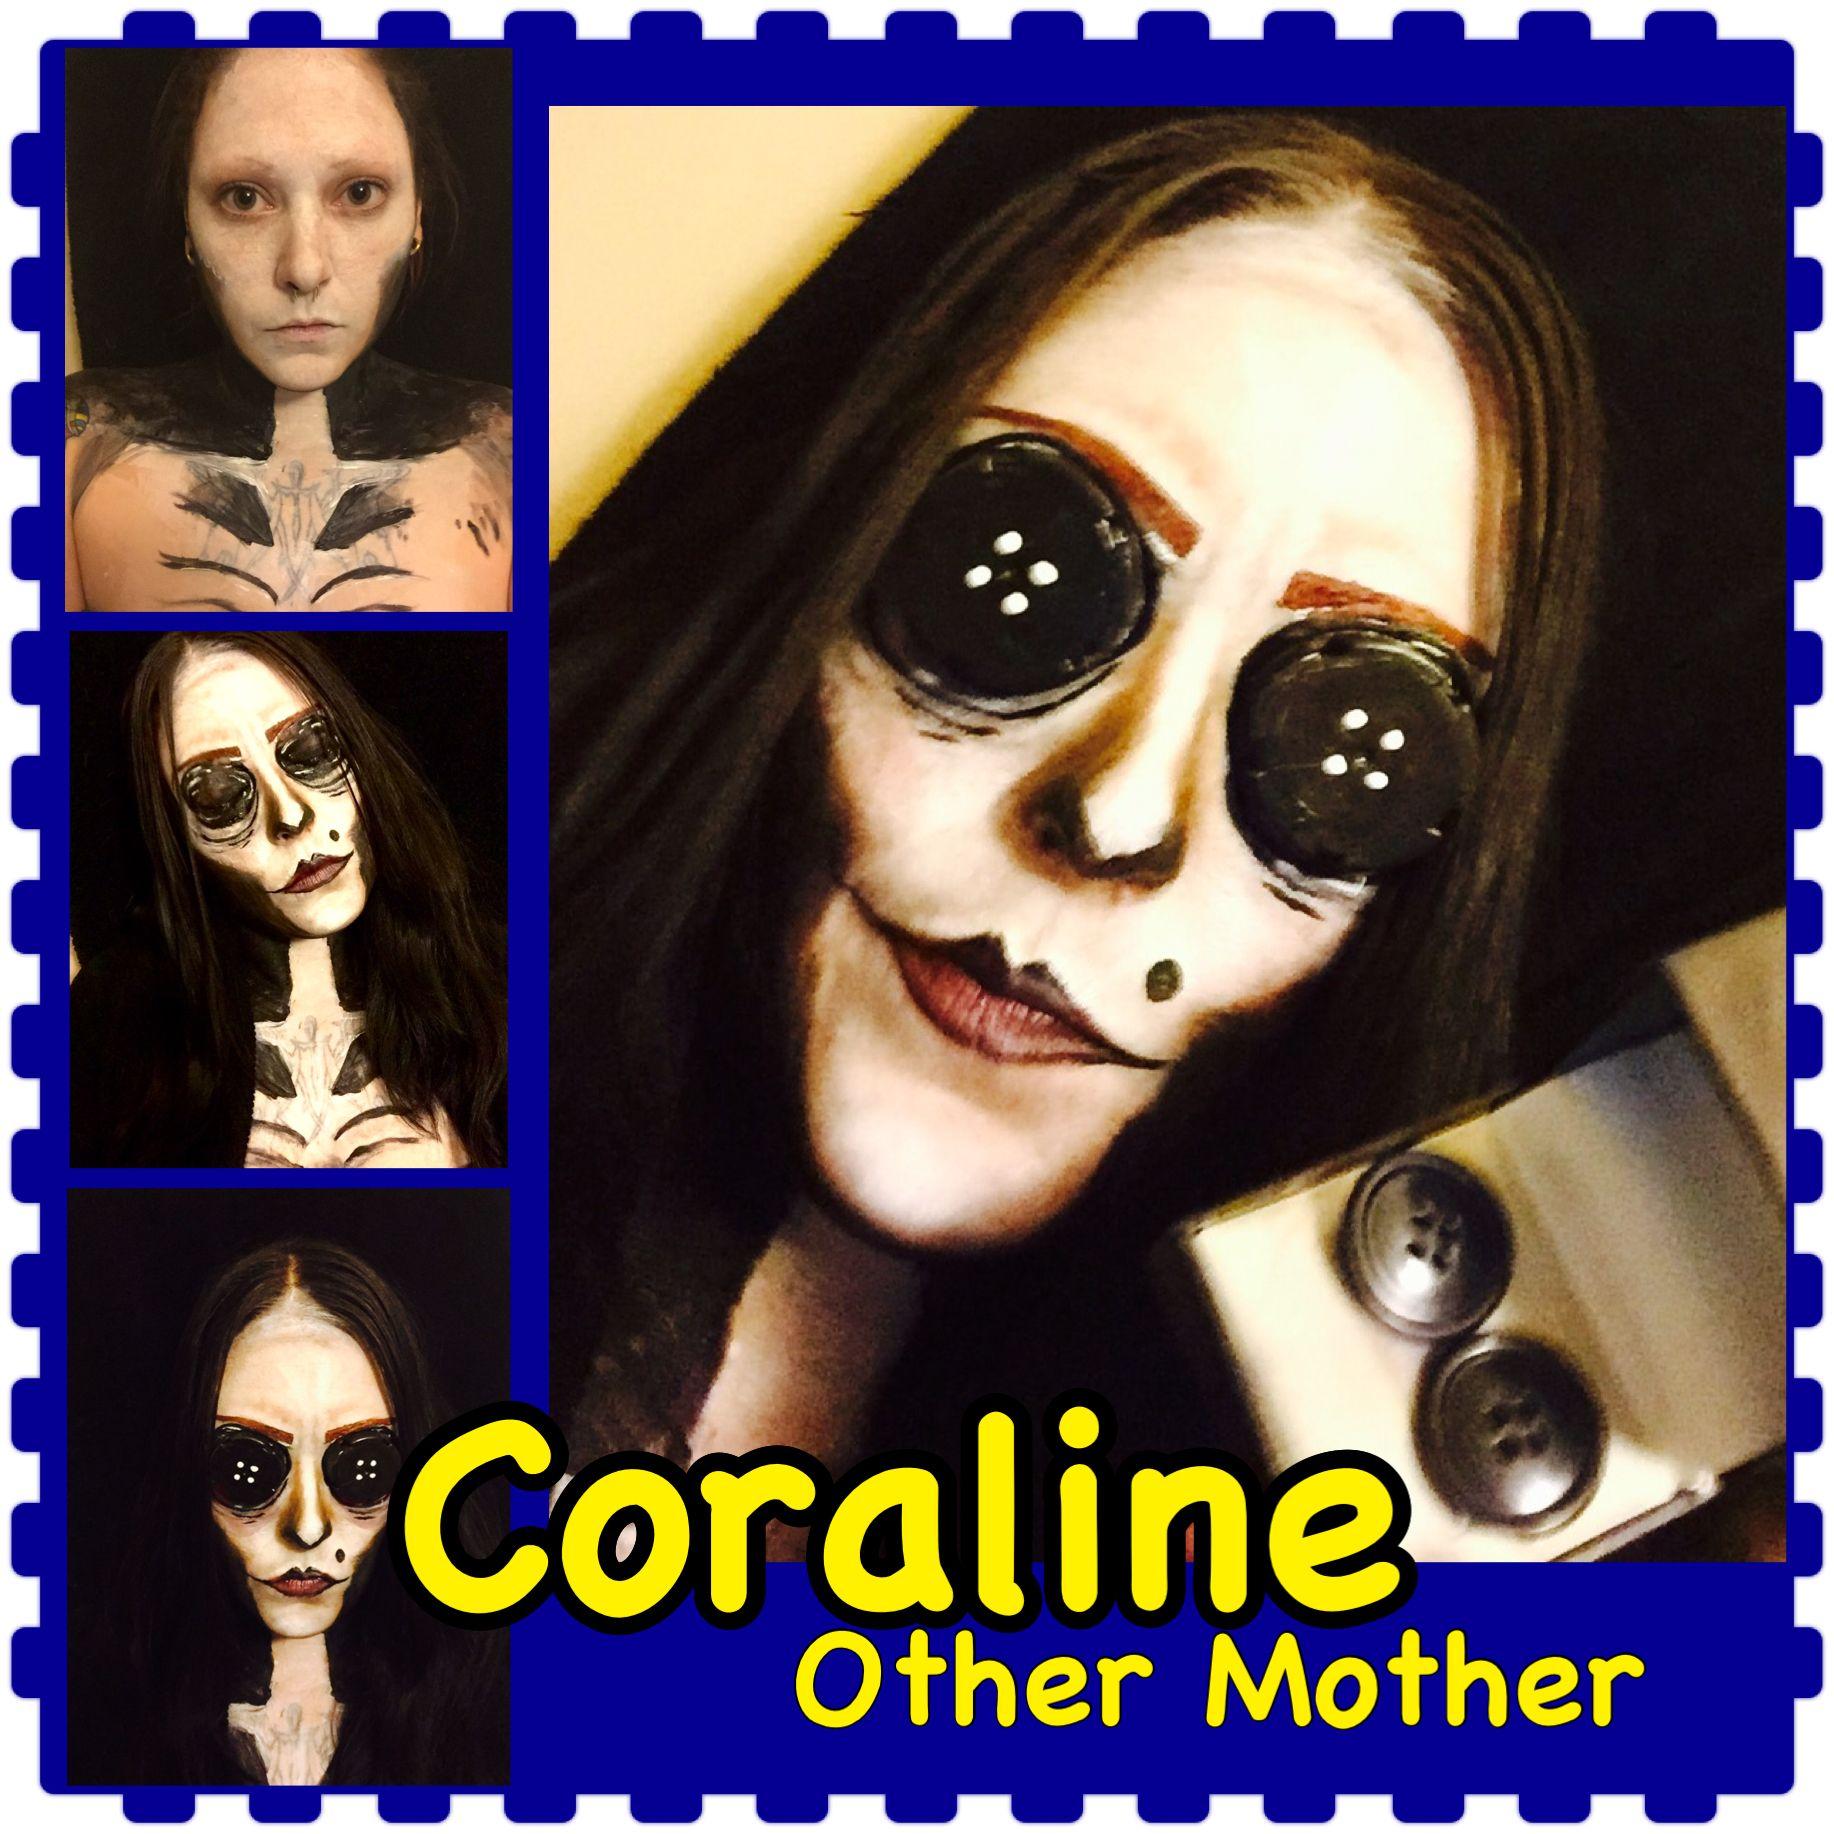 Coraline Evil Other Mother Makeup Halloween Cosplay Halloween Makeup Halloween Other Mothers